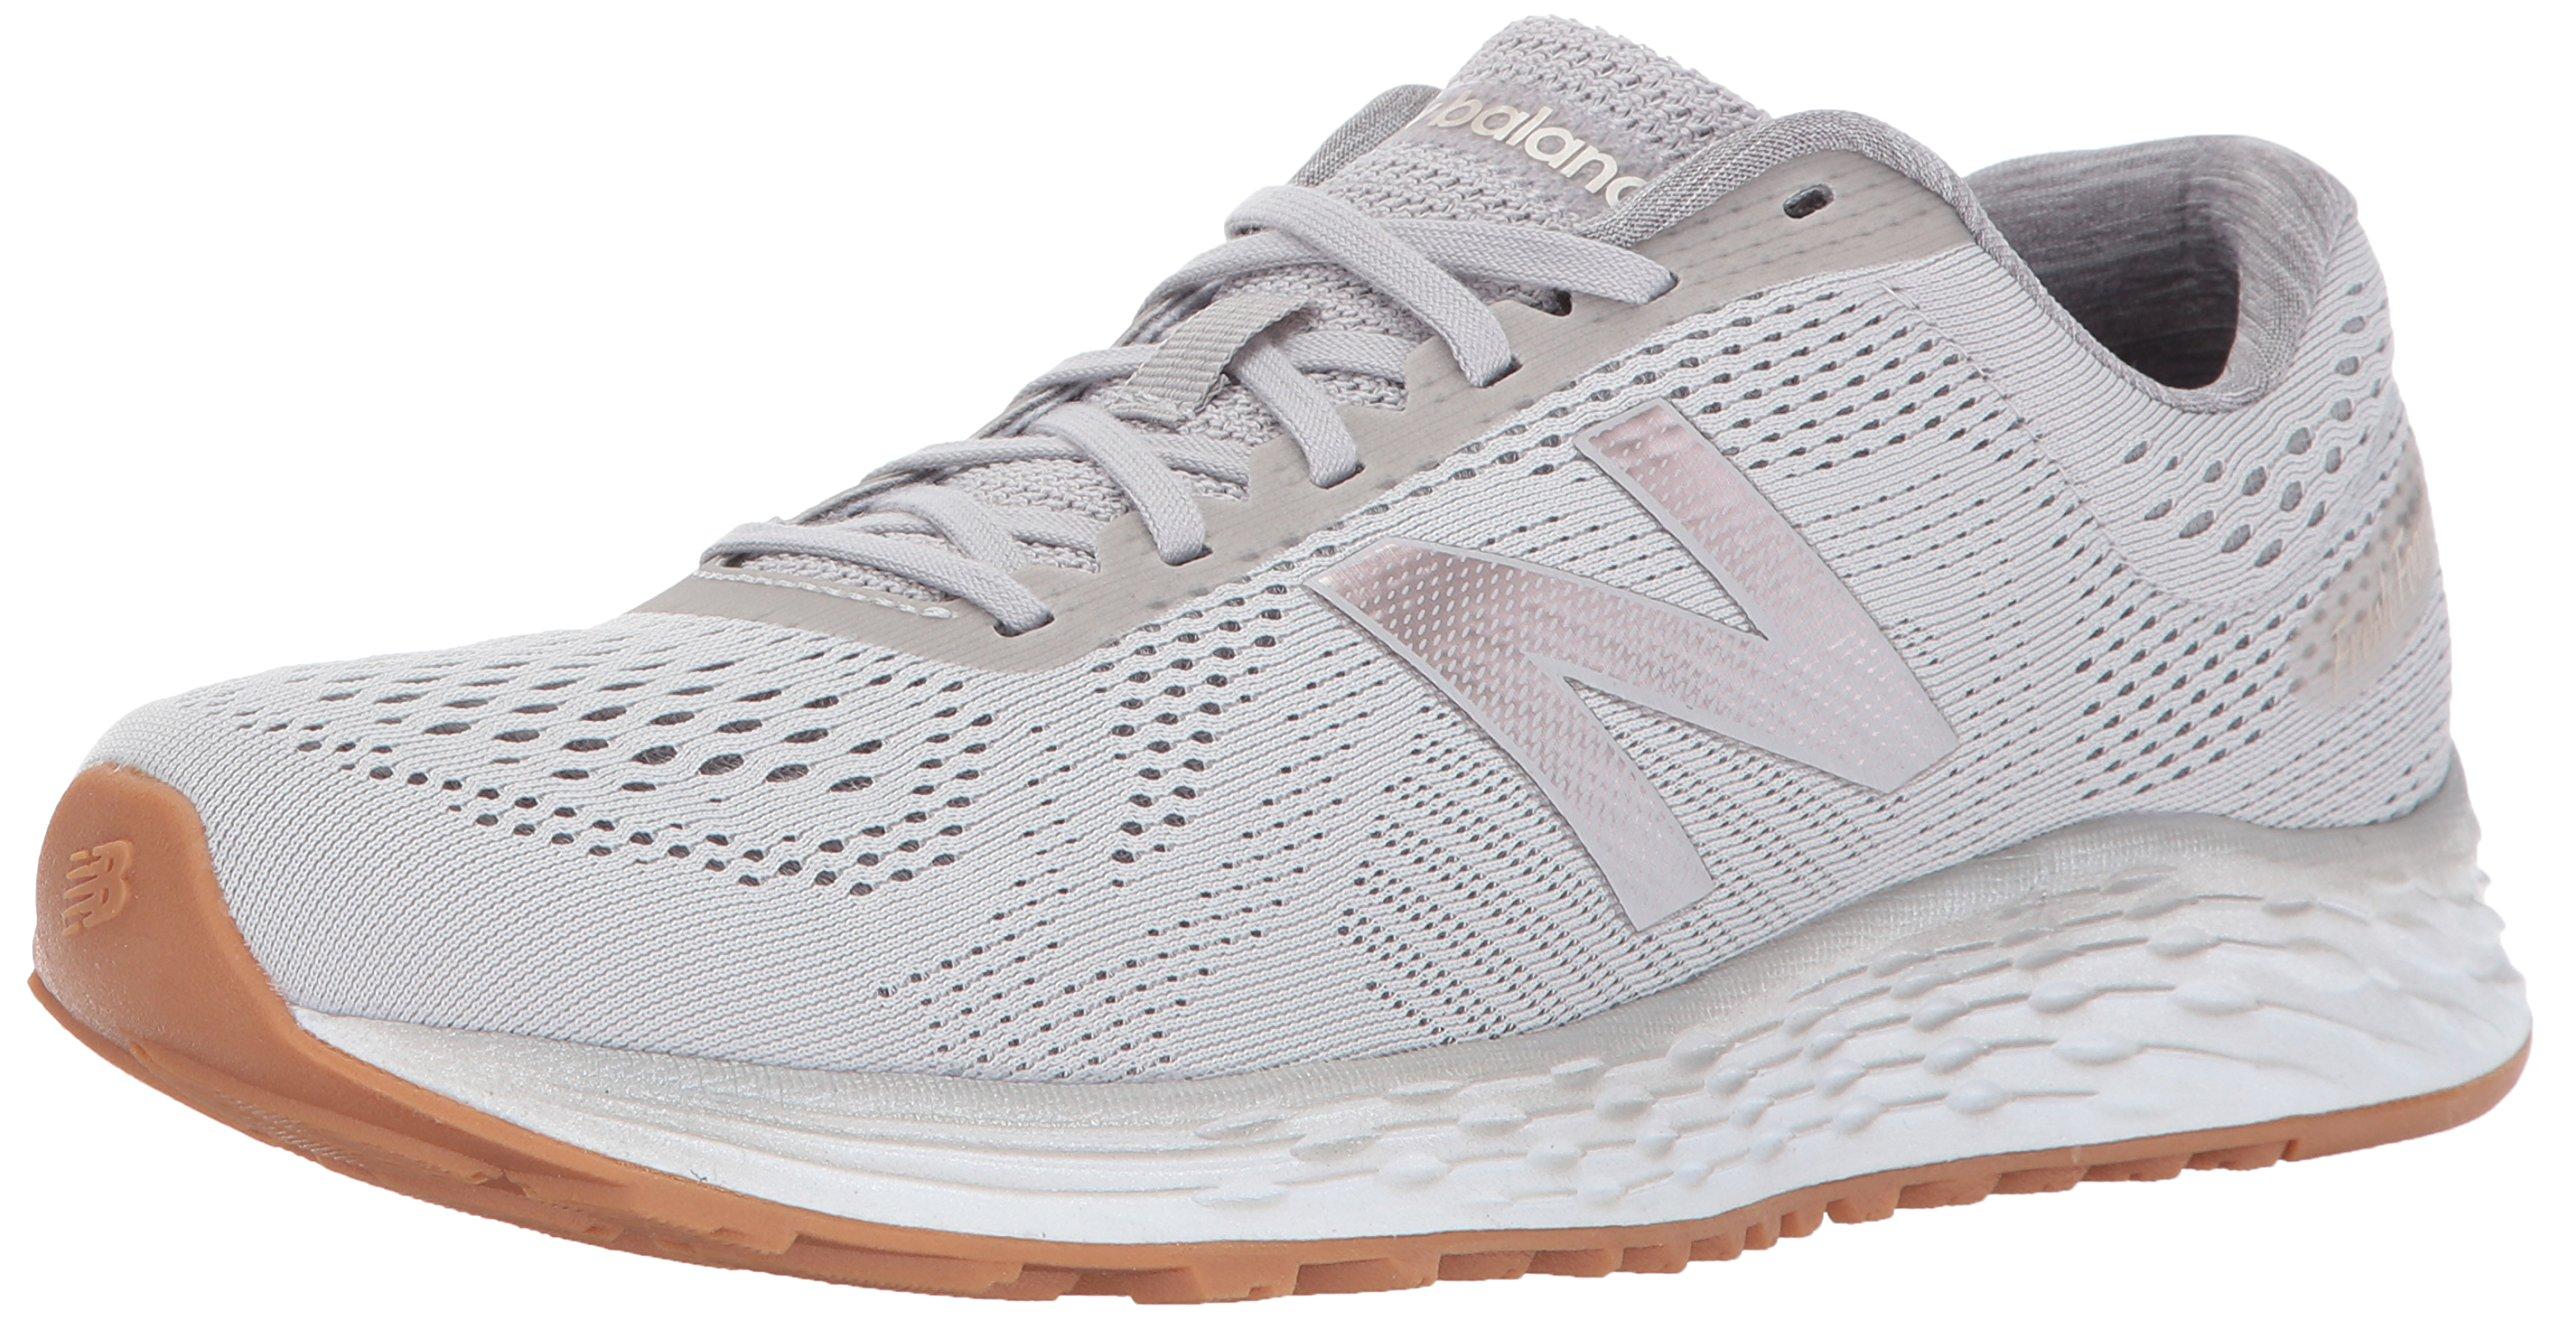 New Balance Women's Fresh Foam Arishi v1 Running Shoes, Light Grey, 8.5 B US